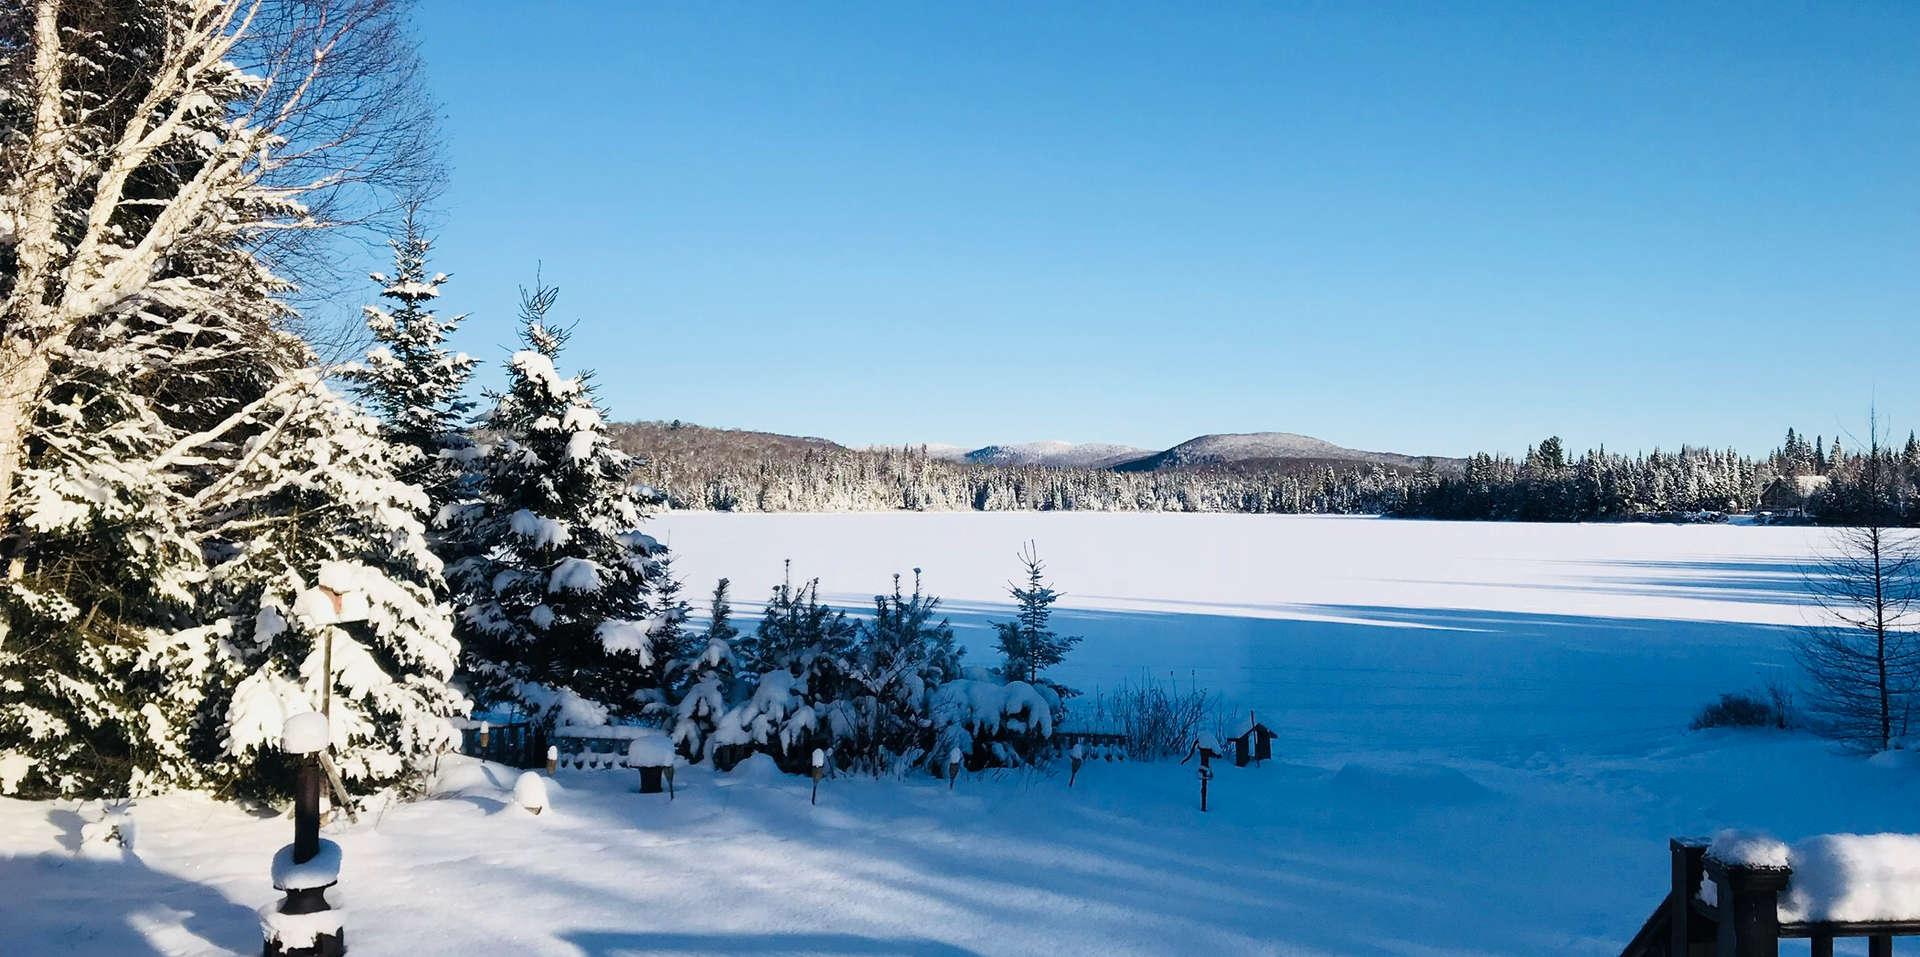 Chalet à louer au Québec   face au lac   4 saisons Le Cocooning L'Ascension   Vue de l'intérieure